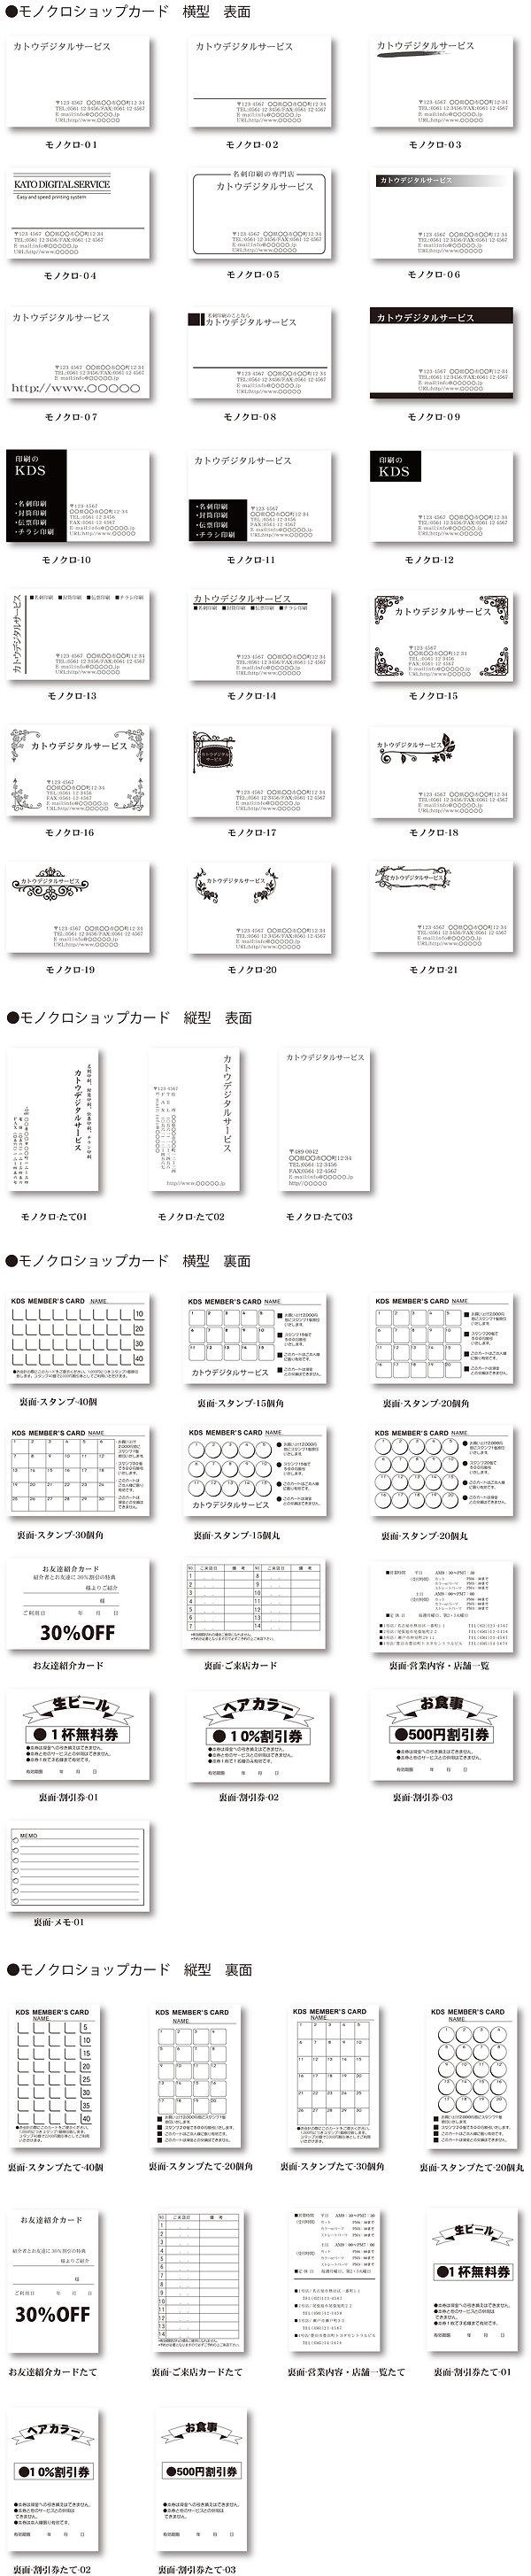 ショップカード_モノクロ_両面.jpg